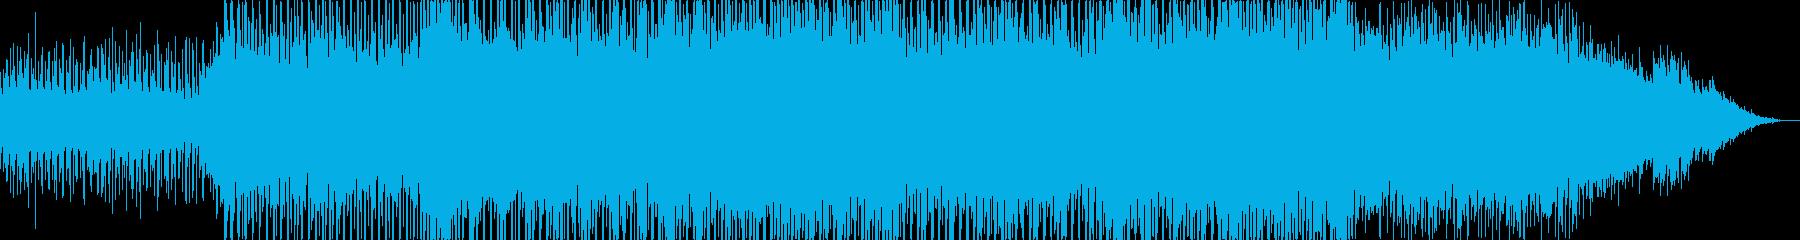 ポップ アクション 感情的 説明的...の再生済みの波形